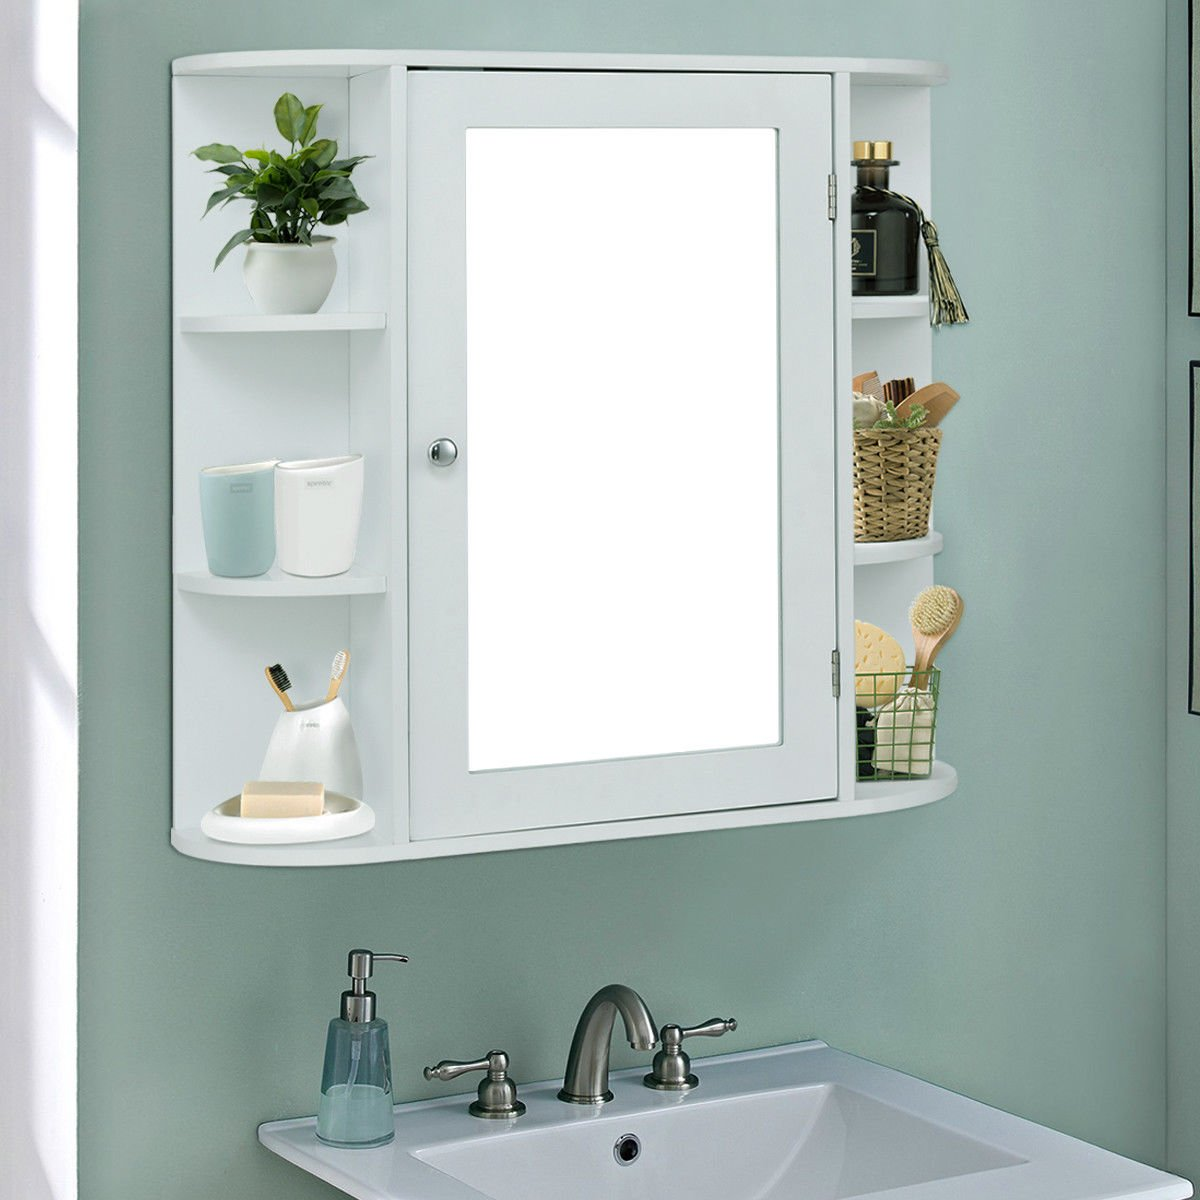 Amazon.com: Giantex Wall Mounted Bathroom Storage Cabinet ...